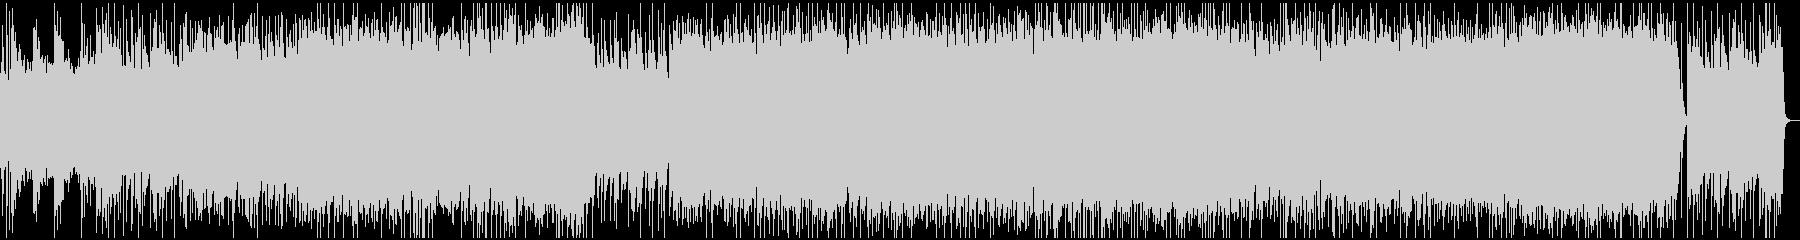 渋いグランジロック・生ギターベースの未再生の波形